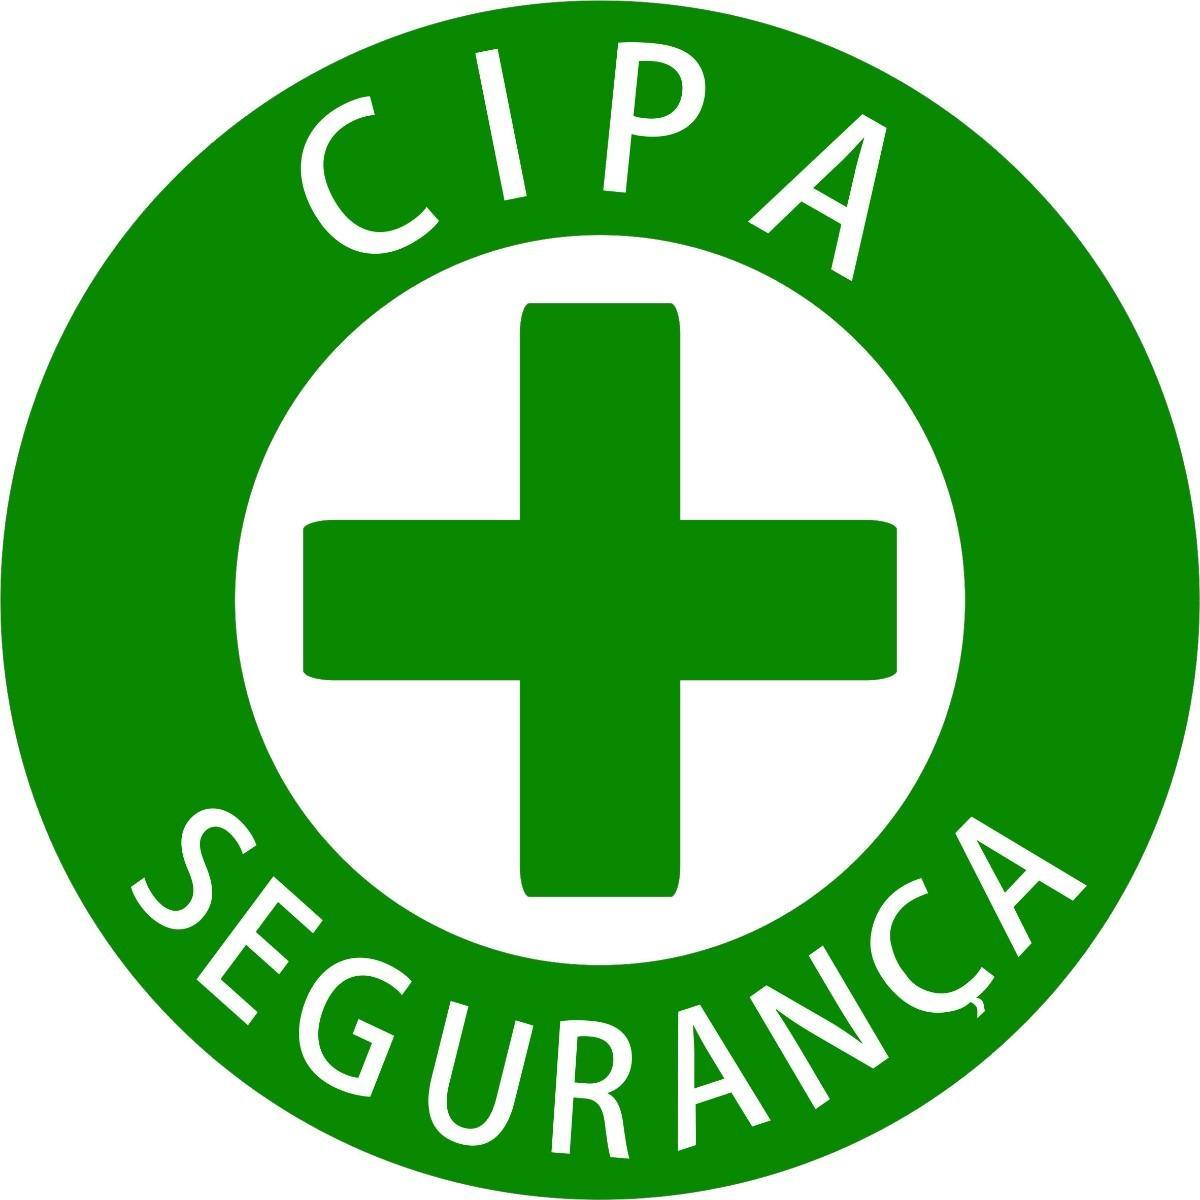 Divulga��o dos candidatos para elei��o CIPA - Gest�o 2021/2022